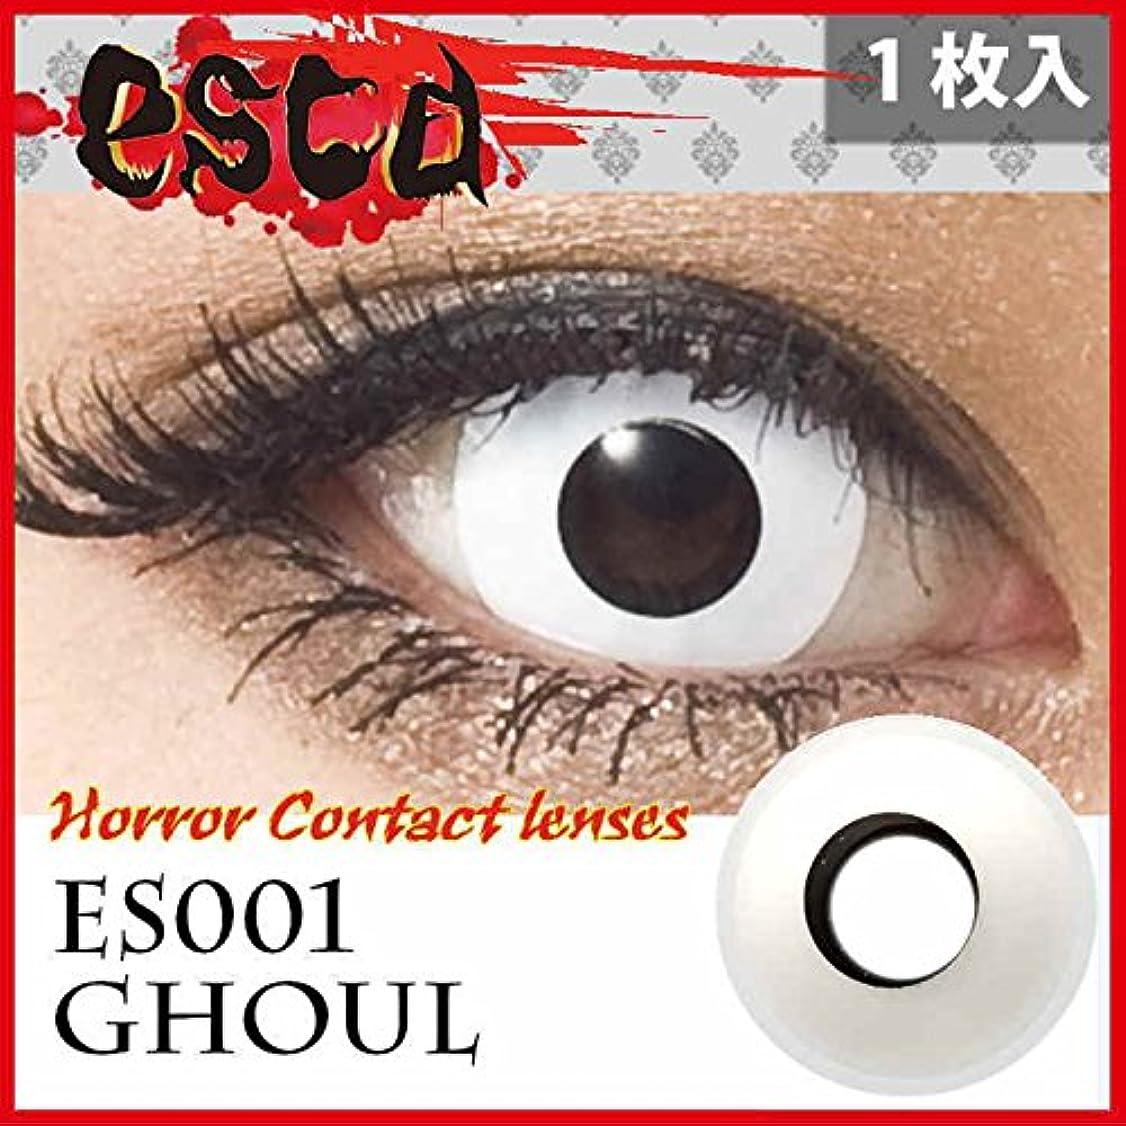 確立しますダーベビルのテス入射ハロウィン必須ホラーコンタクトレンズシリーズ「エスカ」 度なし1箱1枚入り全8色 「グール Ghoul ES001」不気味なゾンビの白目、ホワイト (1)